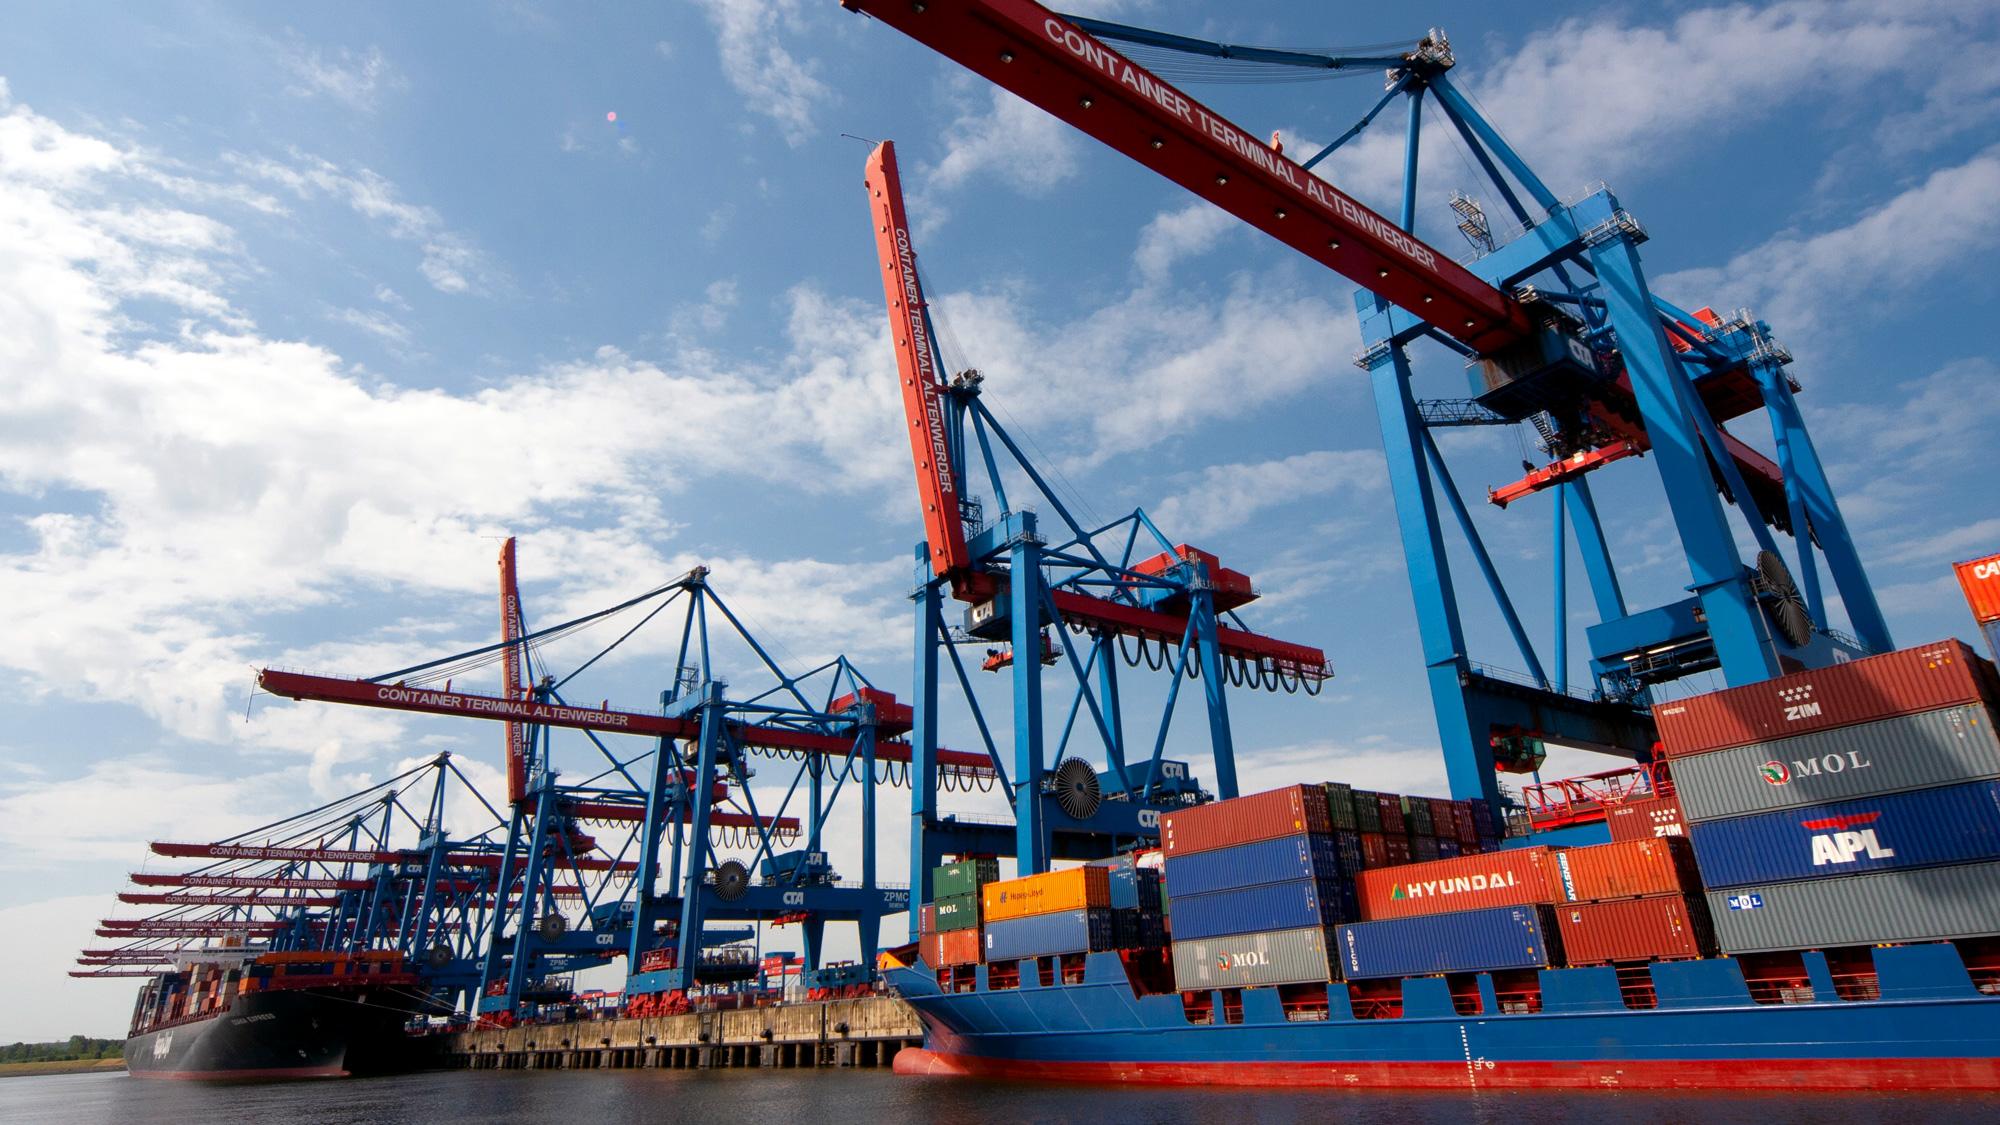 Turunkan Biaya Logistik hingga 25 Persen dengan Tol Laut